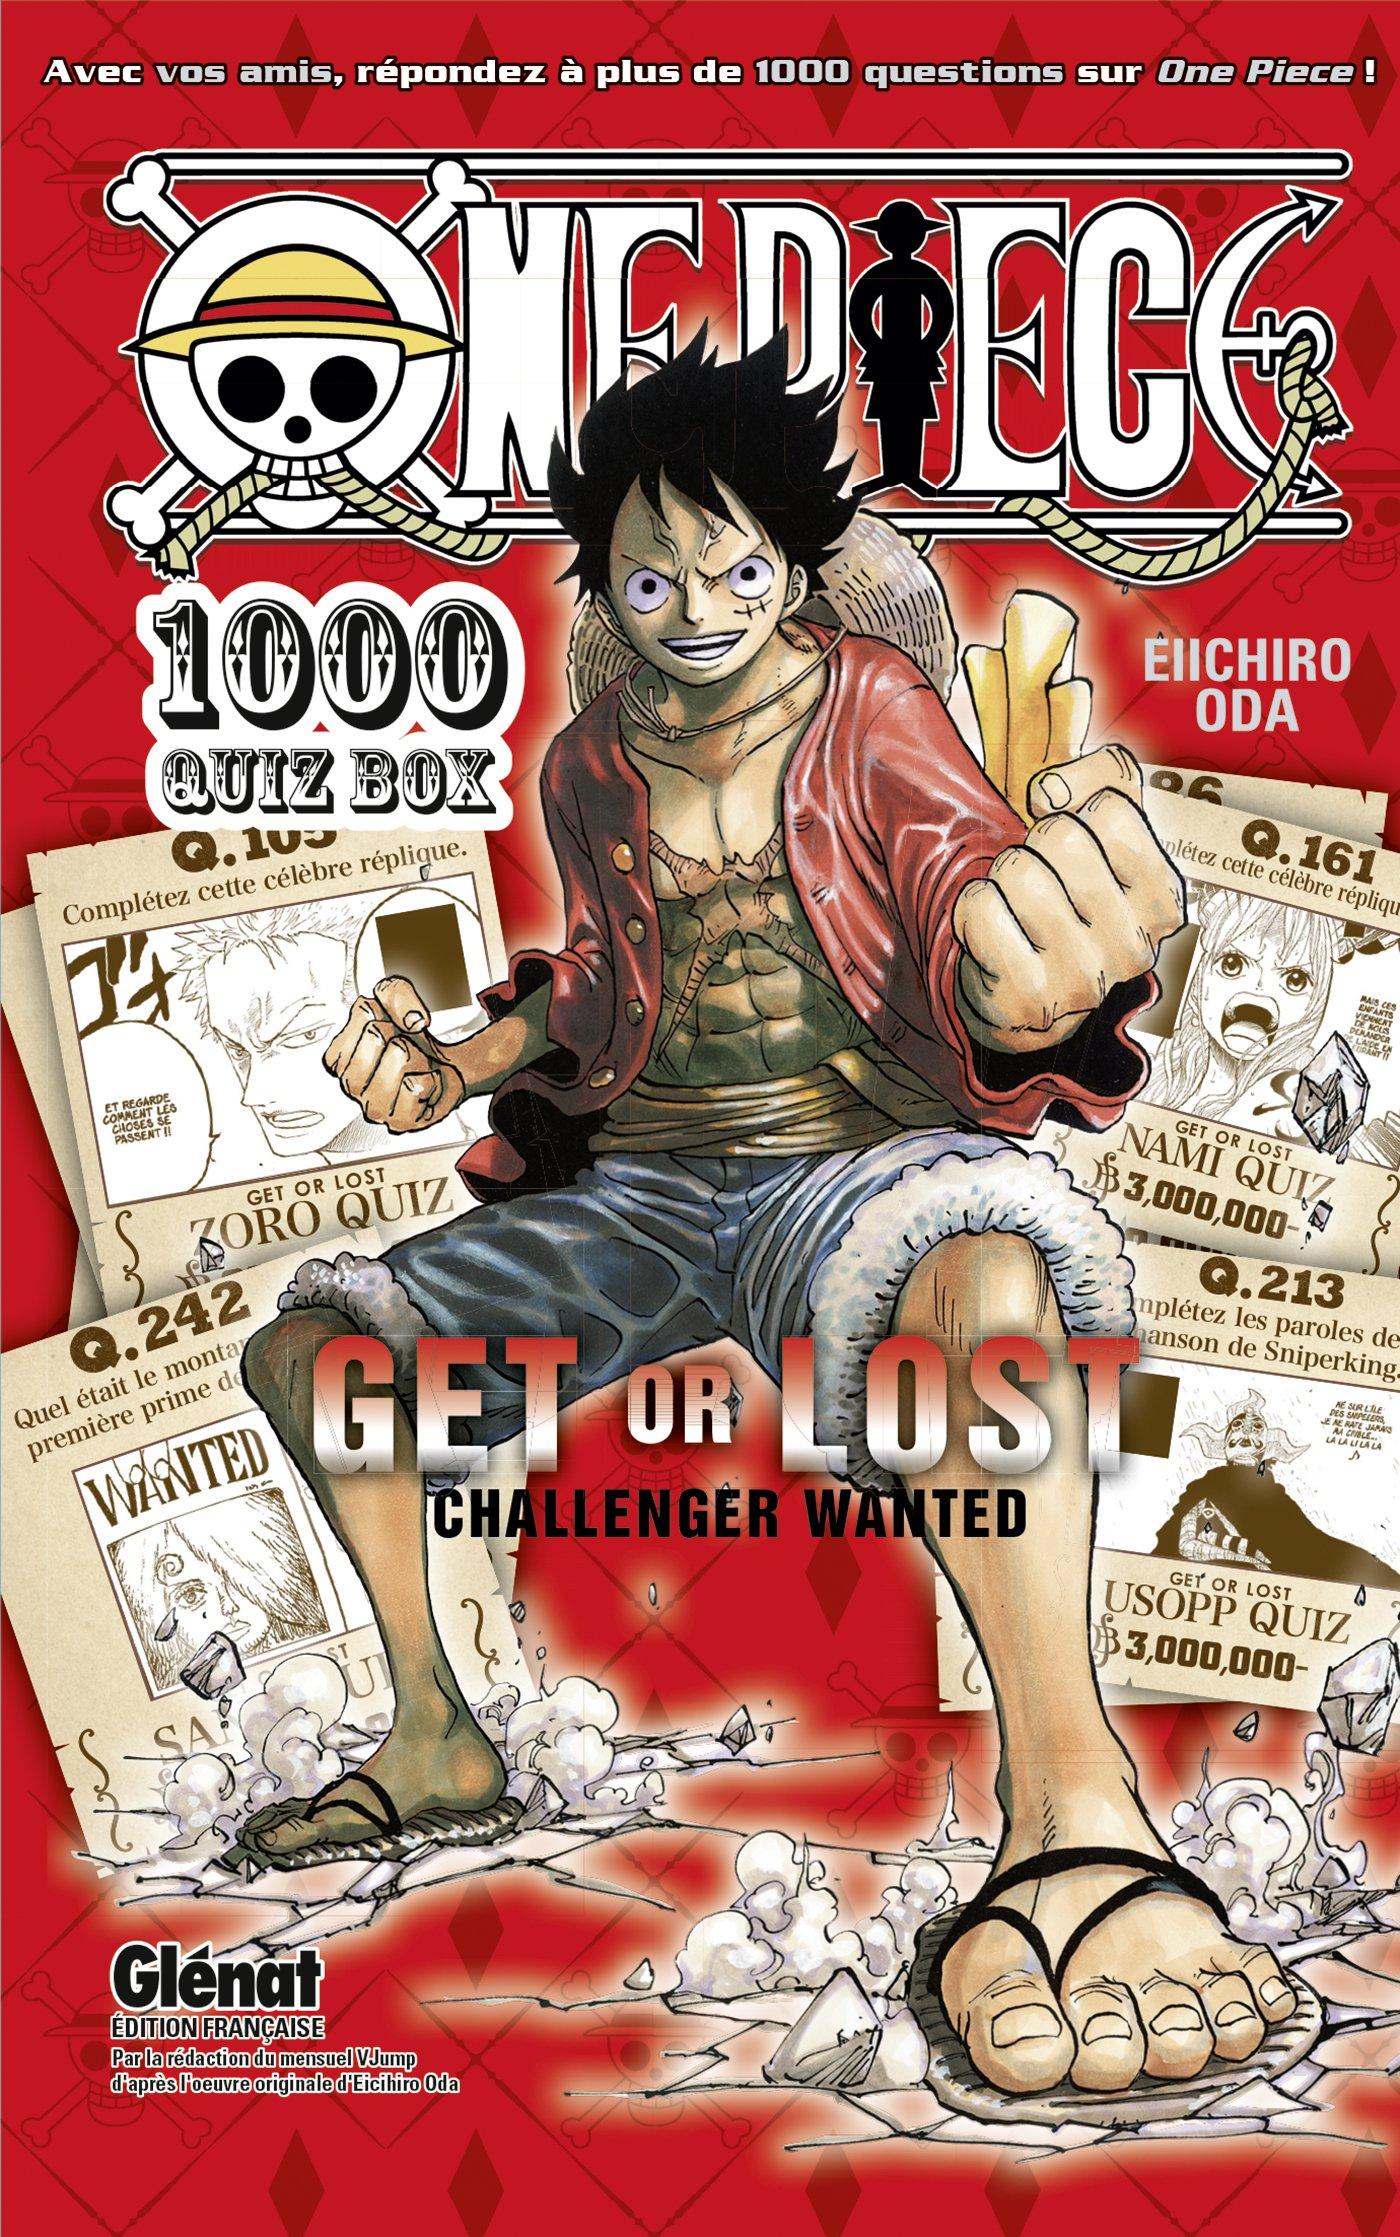 One Piece 500 QUIZ BOOK 1